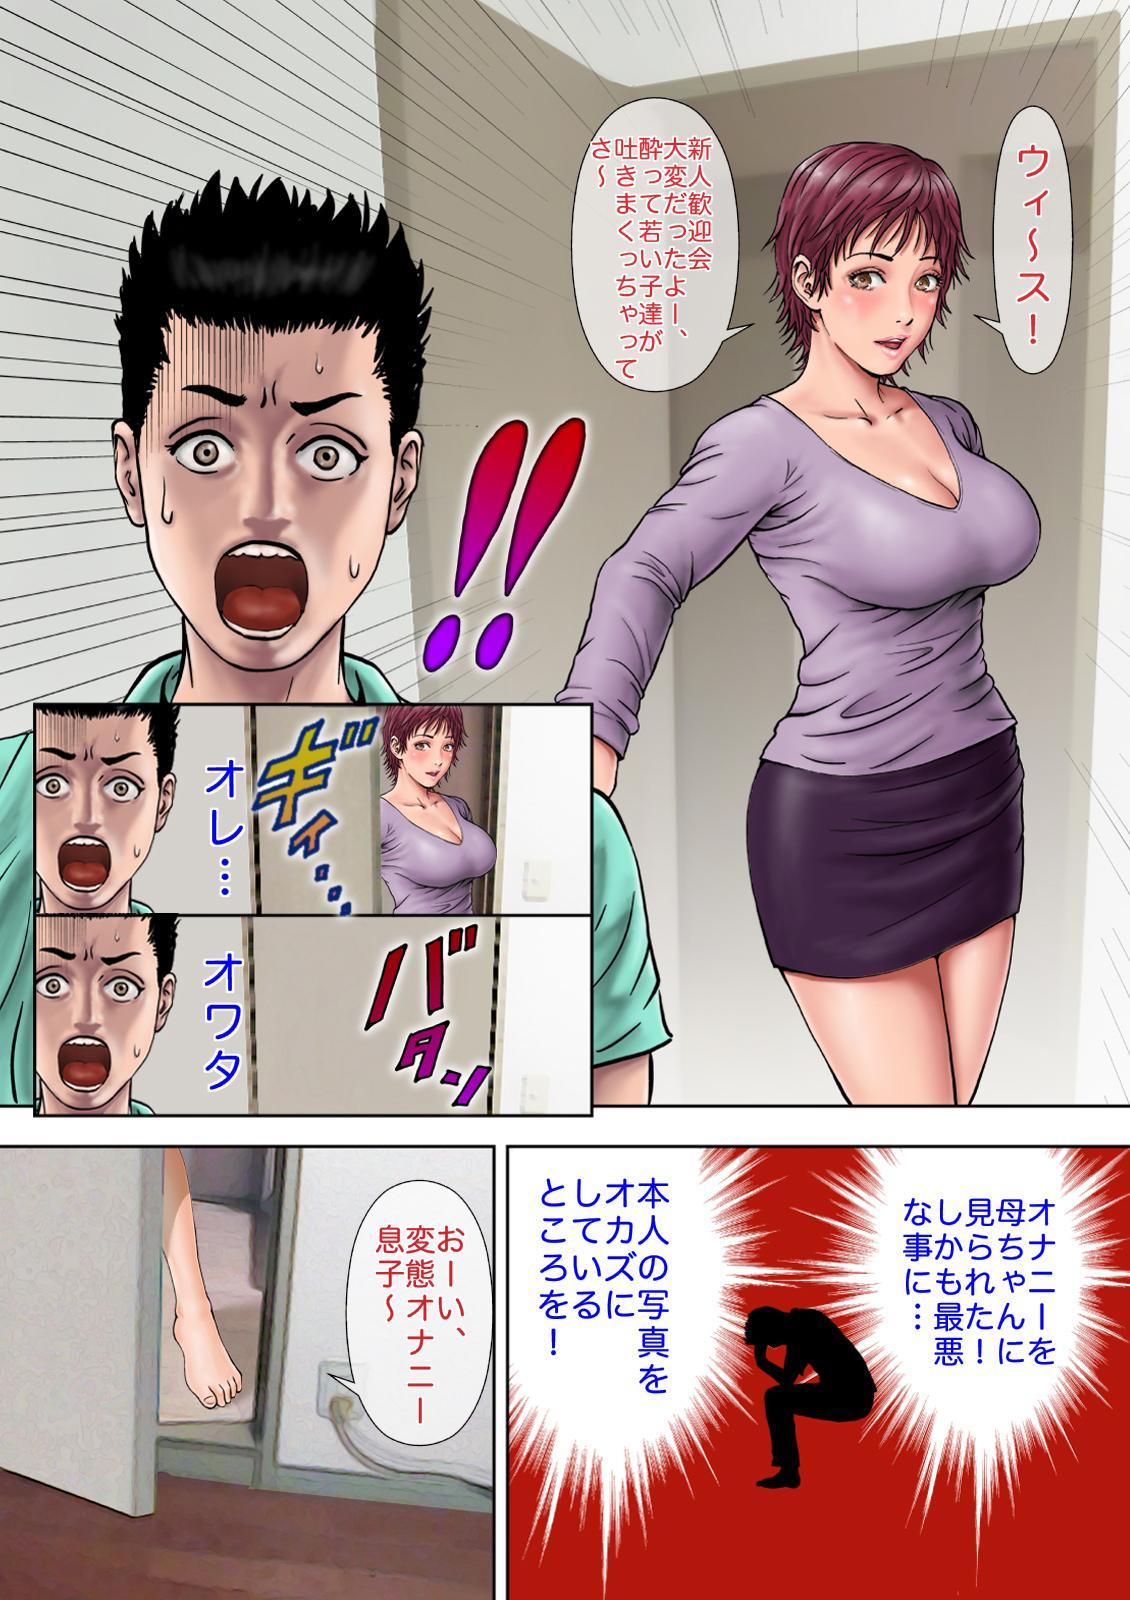 Hahaoya no Mukashi no Mizugi Sugata no Shashin ga Do-Strike Datta 2